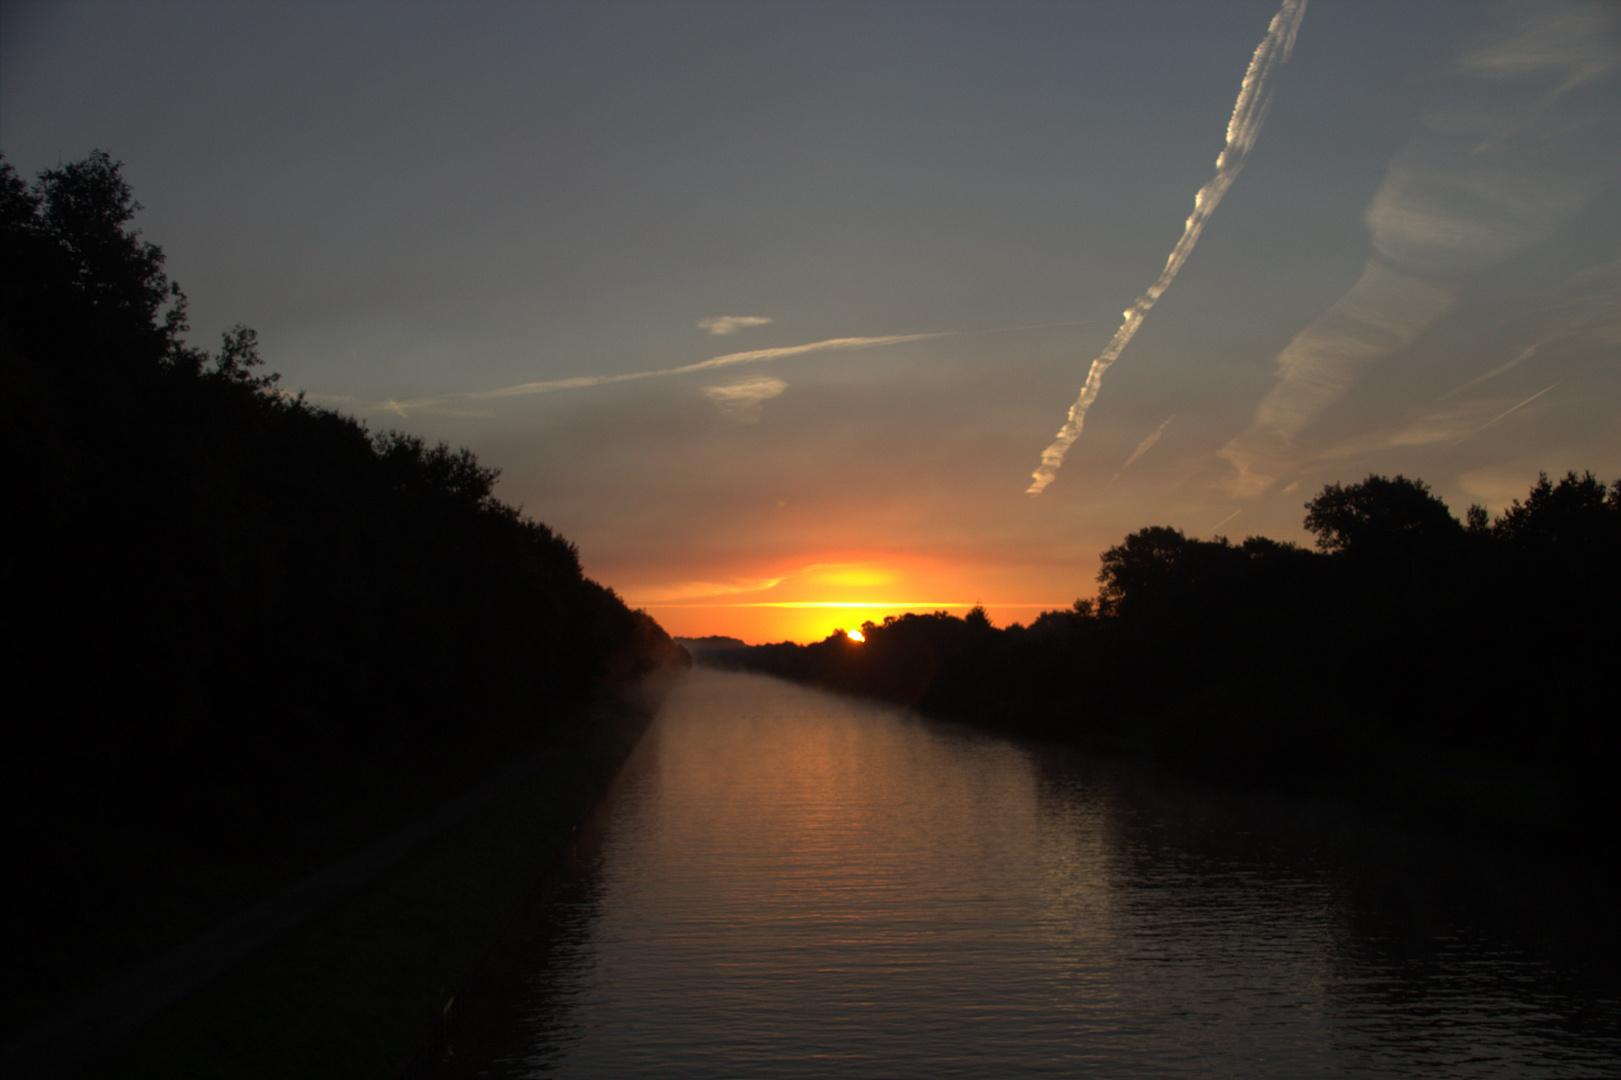 Sonnenaufgang und erste Test Polfilter